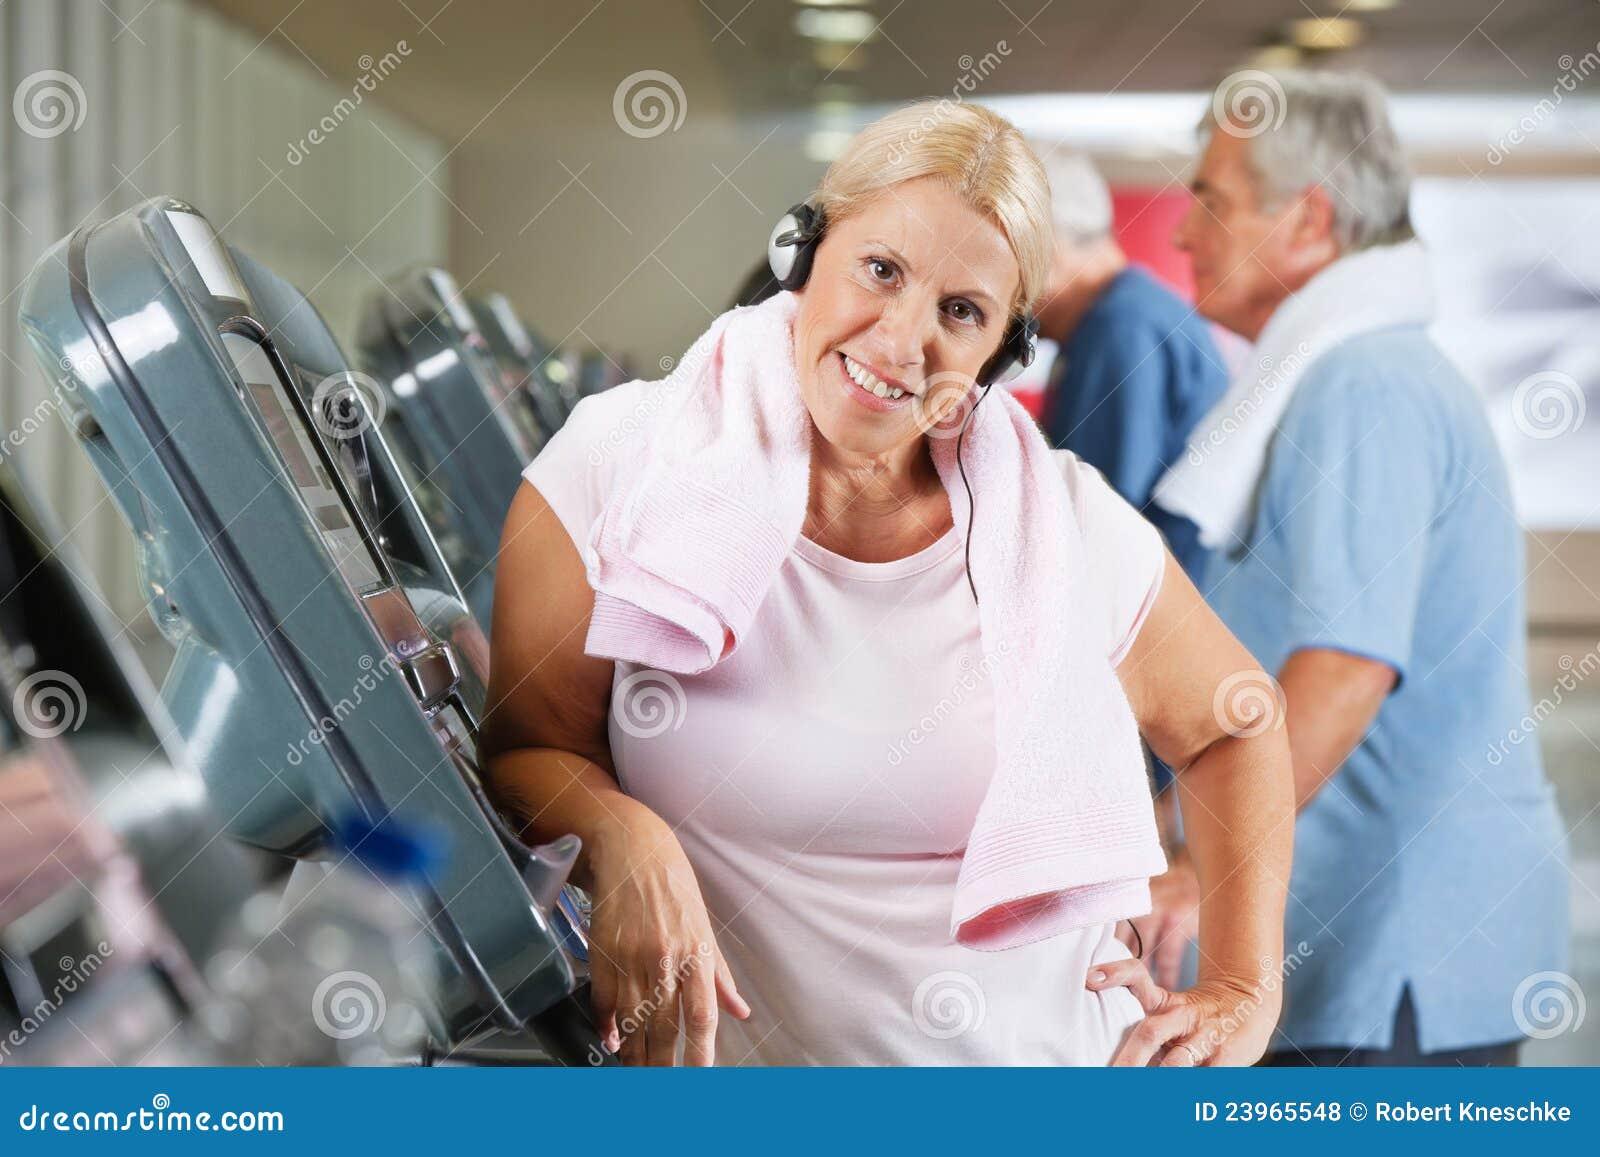 Femme aîné sur le tapis roulant en gymnastique